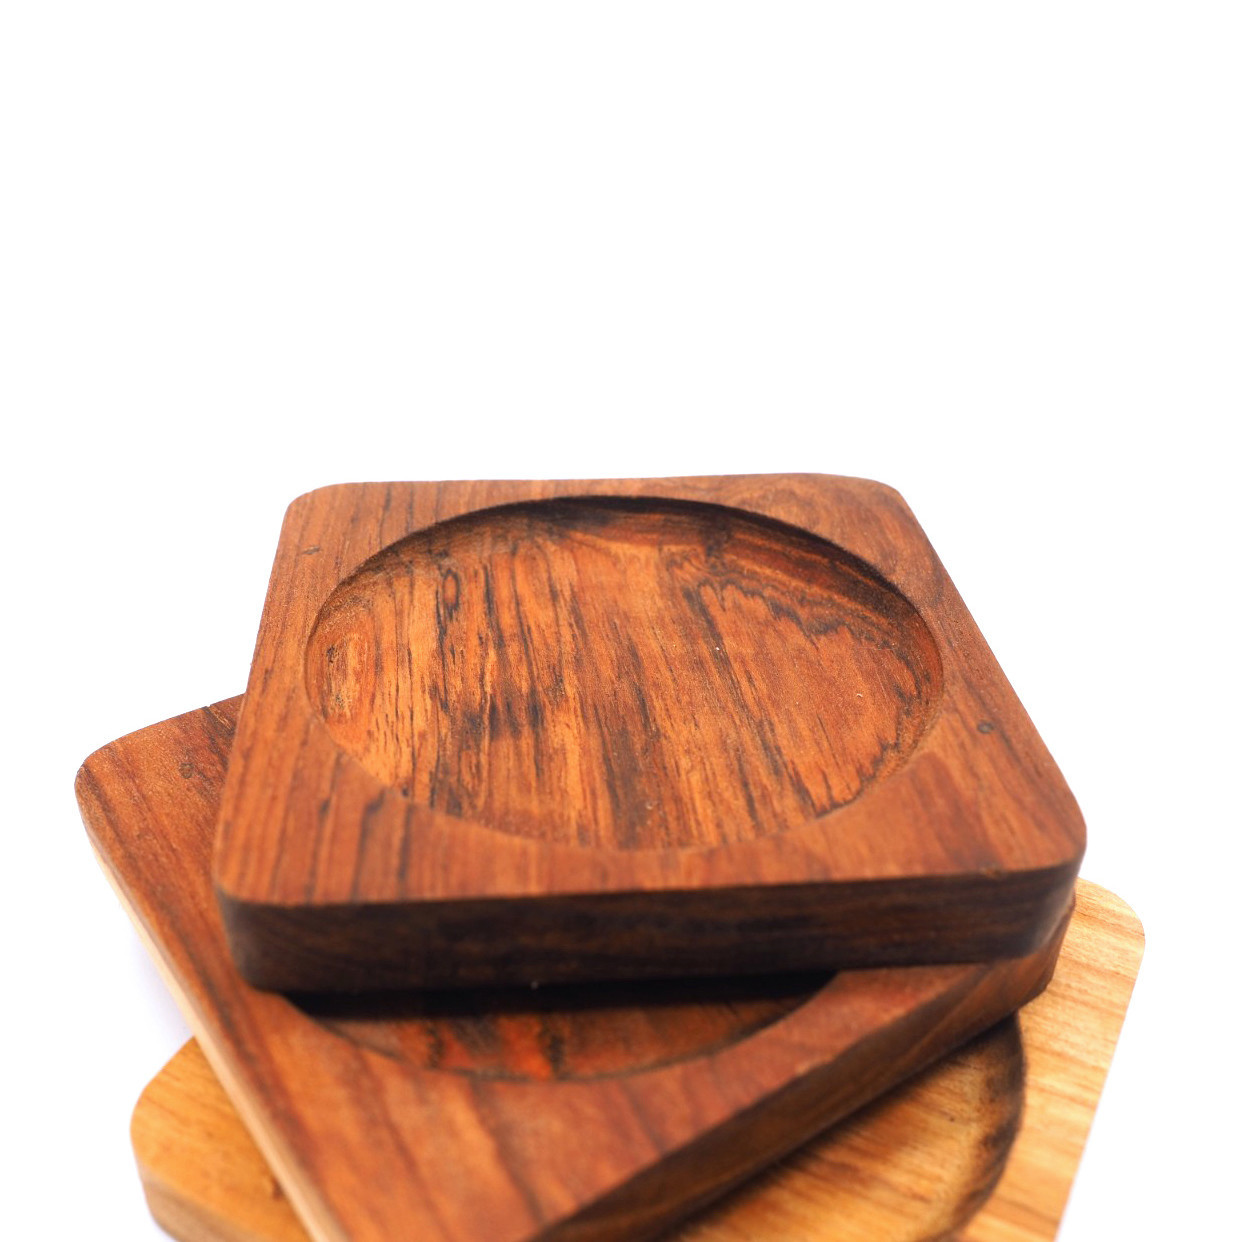 Image de 4 x Sous-verres carrés en bois de teck - 9,5 cm